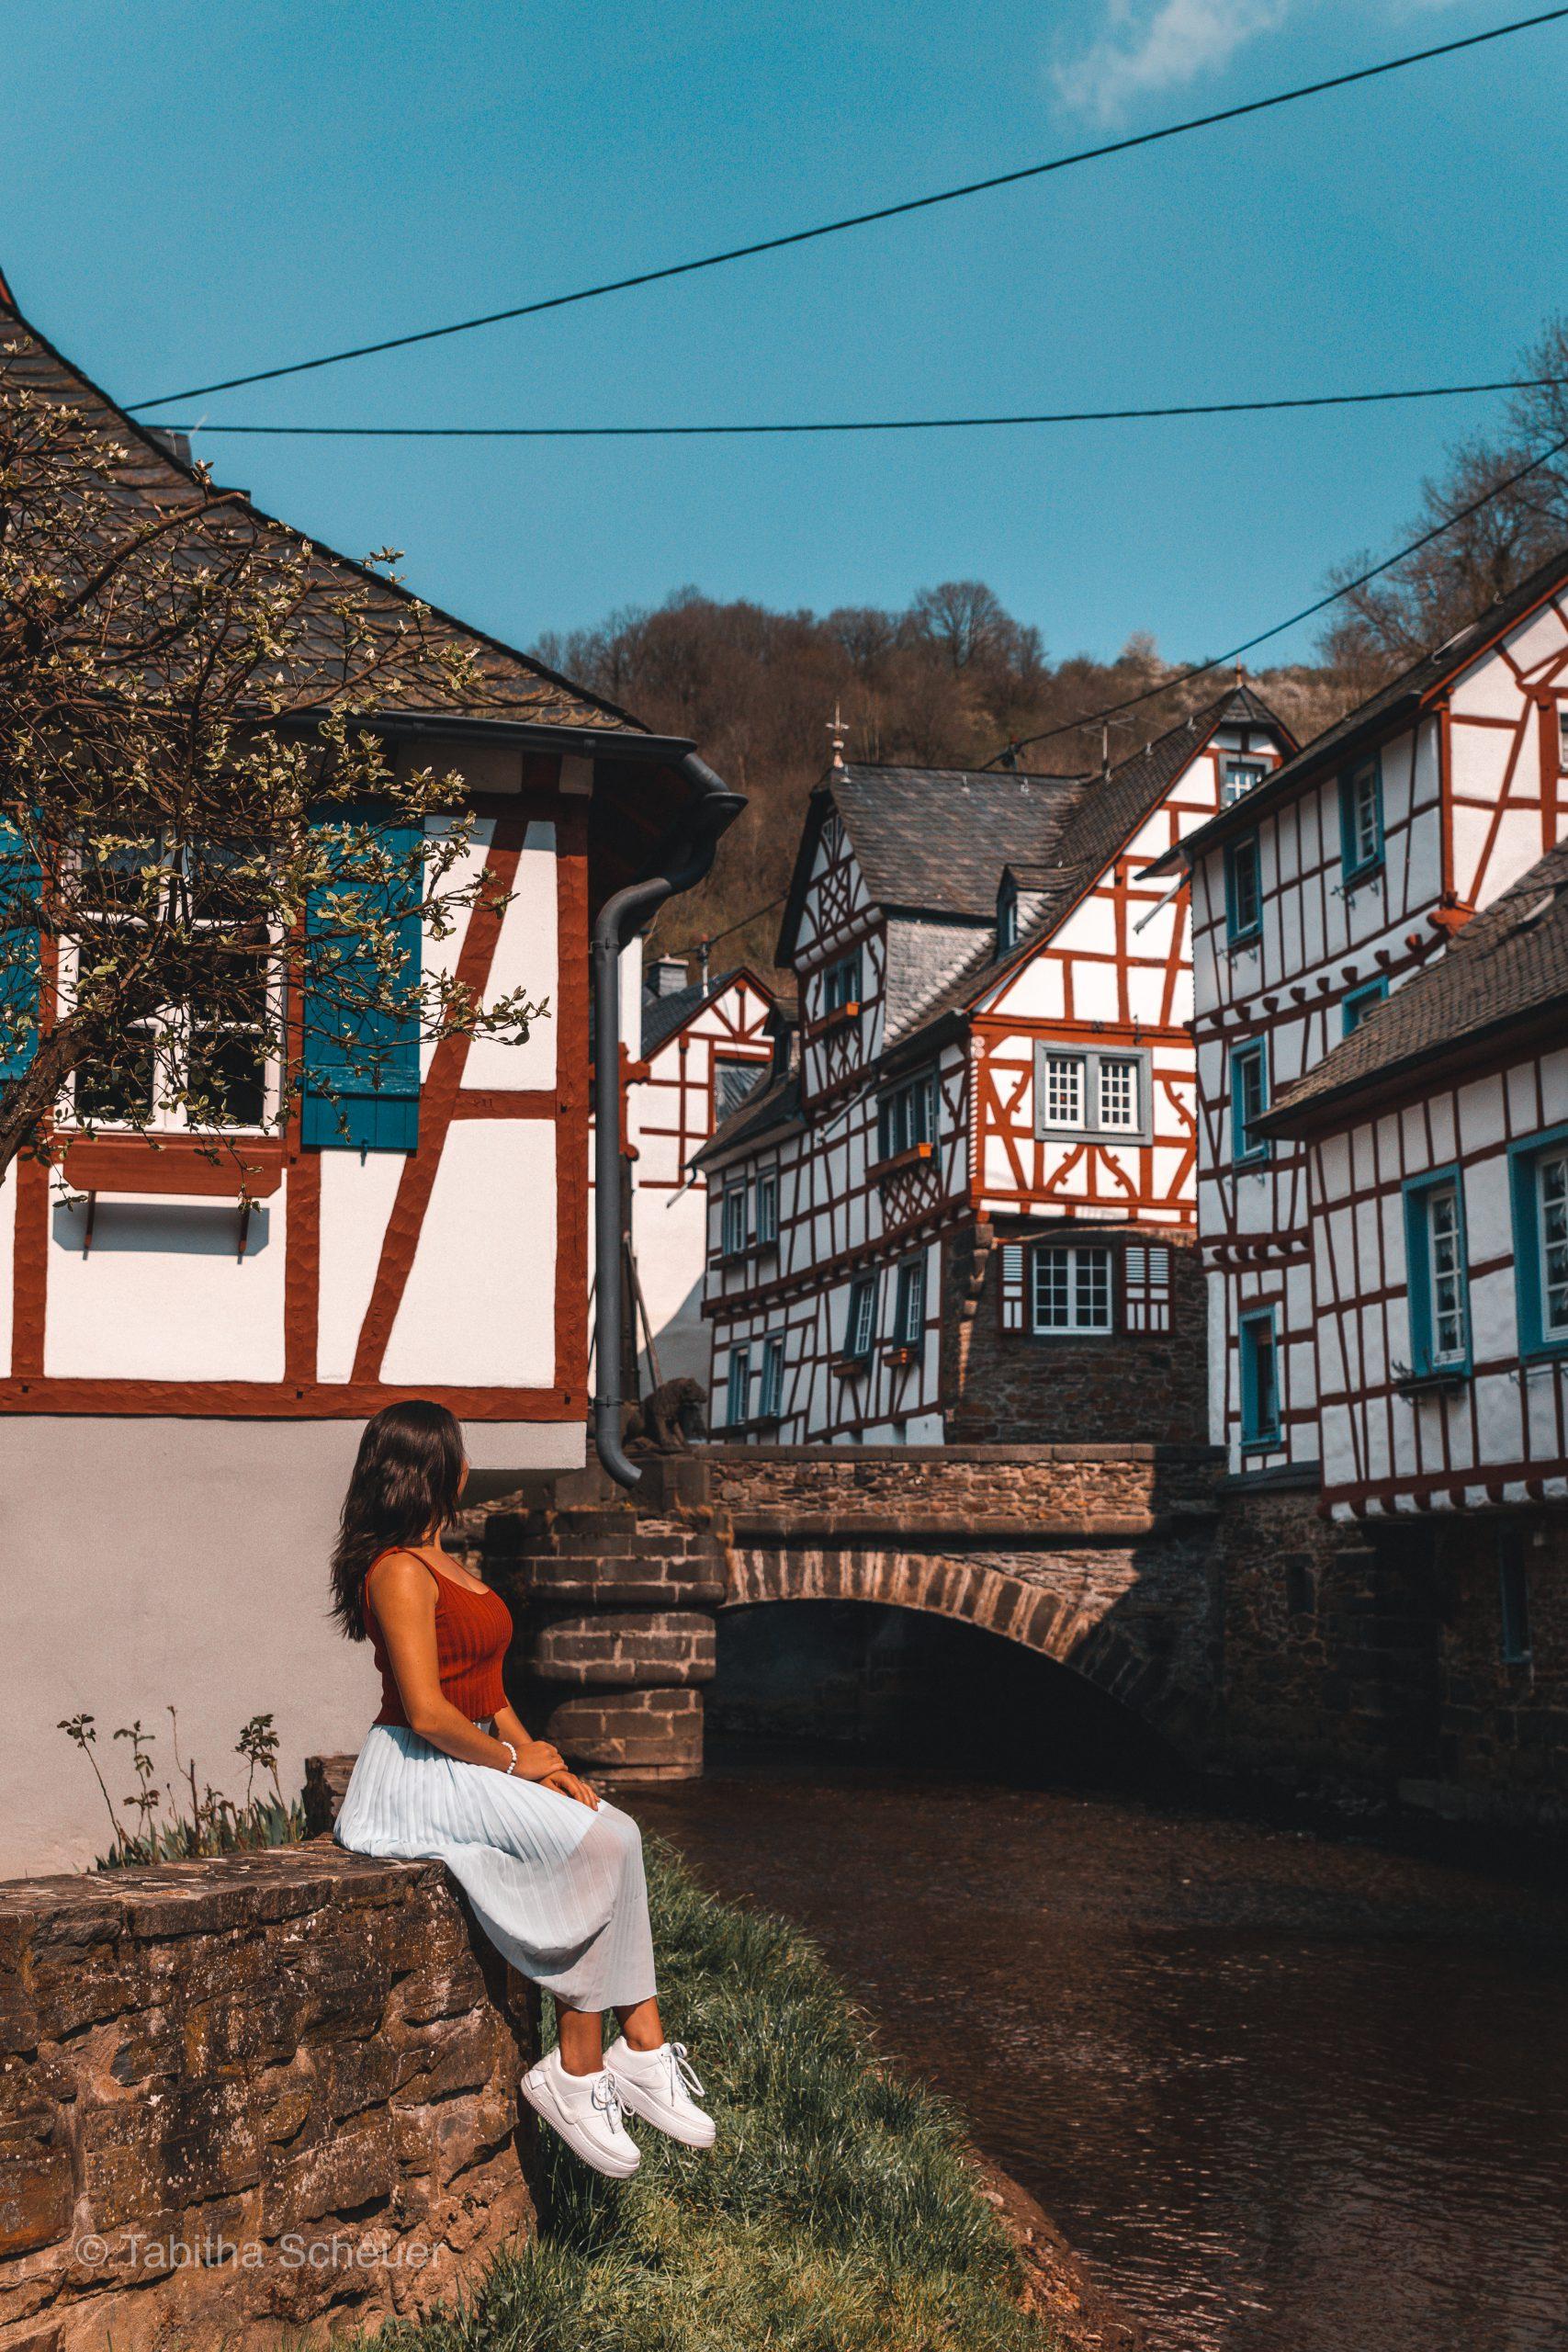 Monreal |Deutsche Eifel |Monreal in der deutschen Eifel |German Eifel Monreal |Travel Couple Germany |Photography Tips for Women